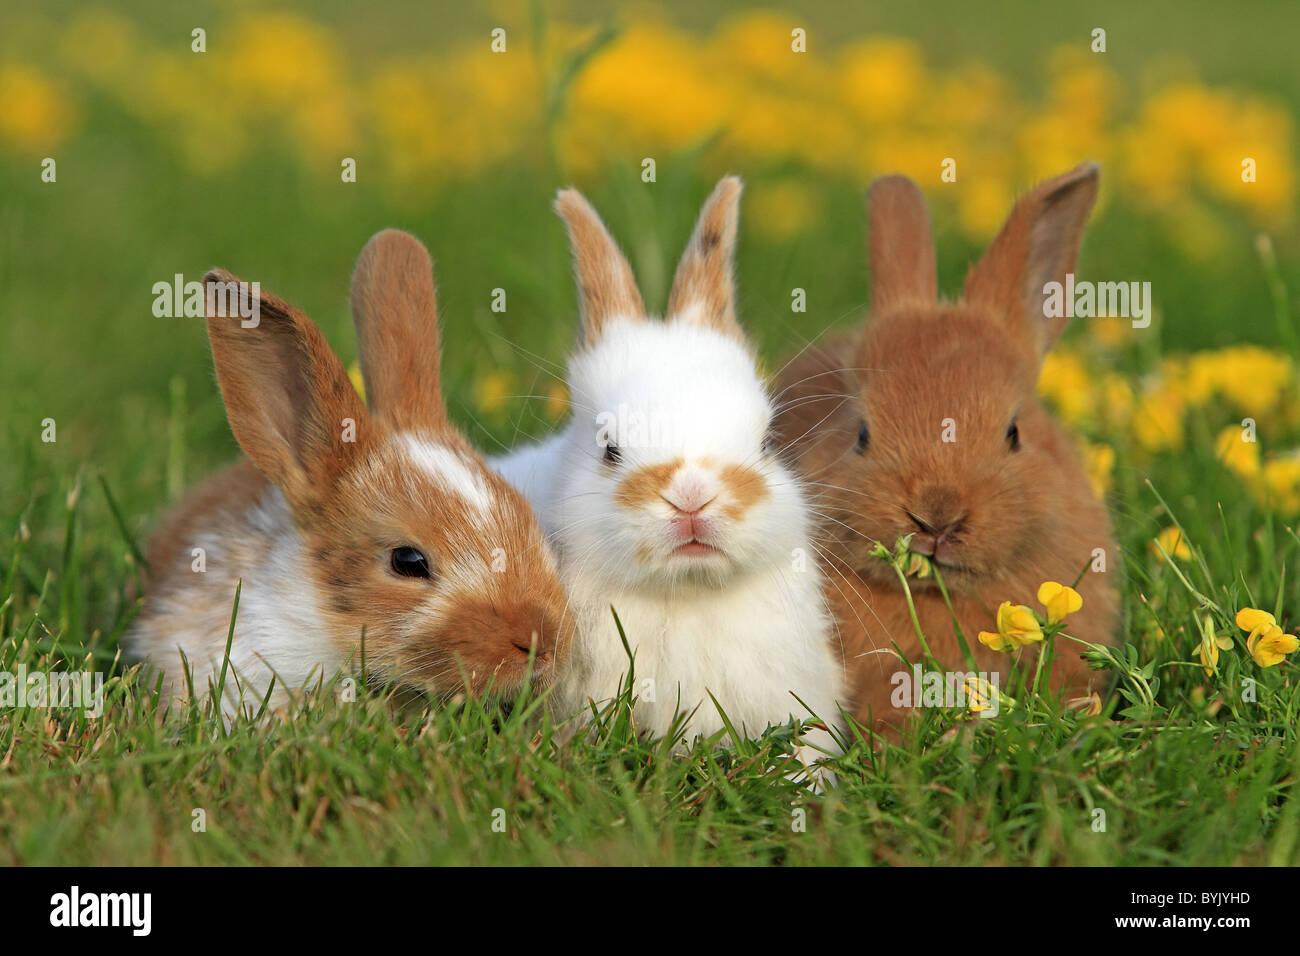 Il coniglio domestico, coniglio nano (oryctolagus cuniculus f. domestica). Tre persone in un prato fiorito. Immagini Stock